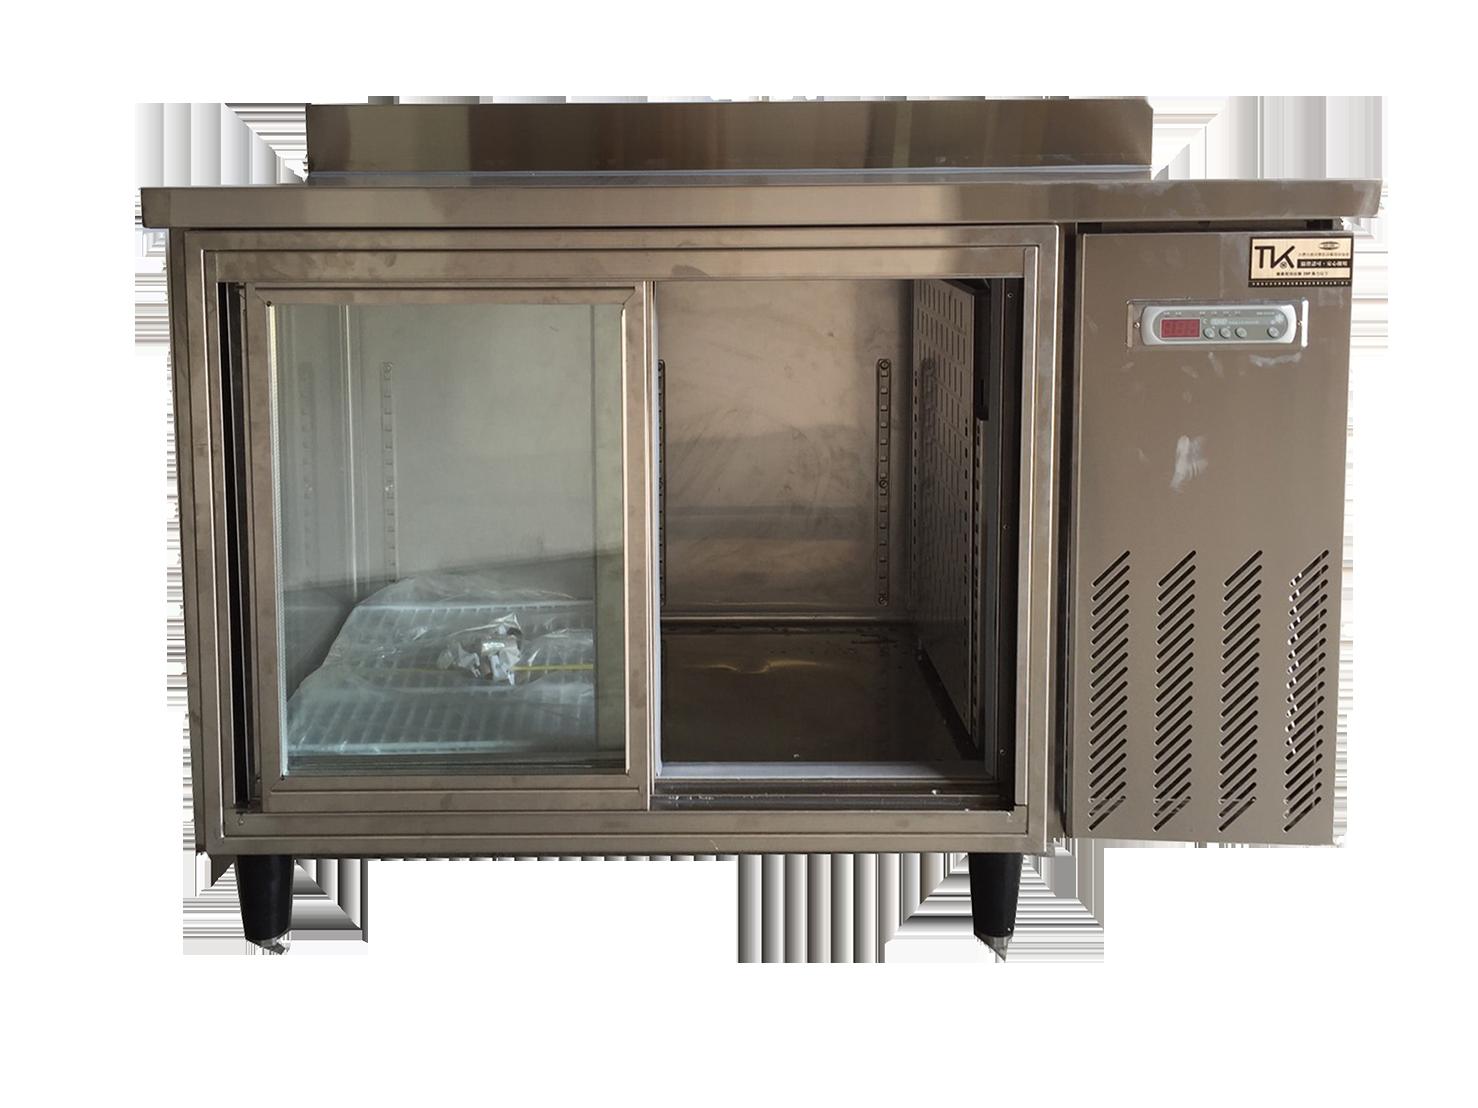 臥式展示無霜推門式冷藏櫃2.png